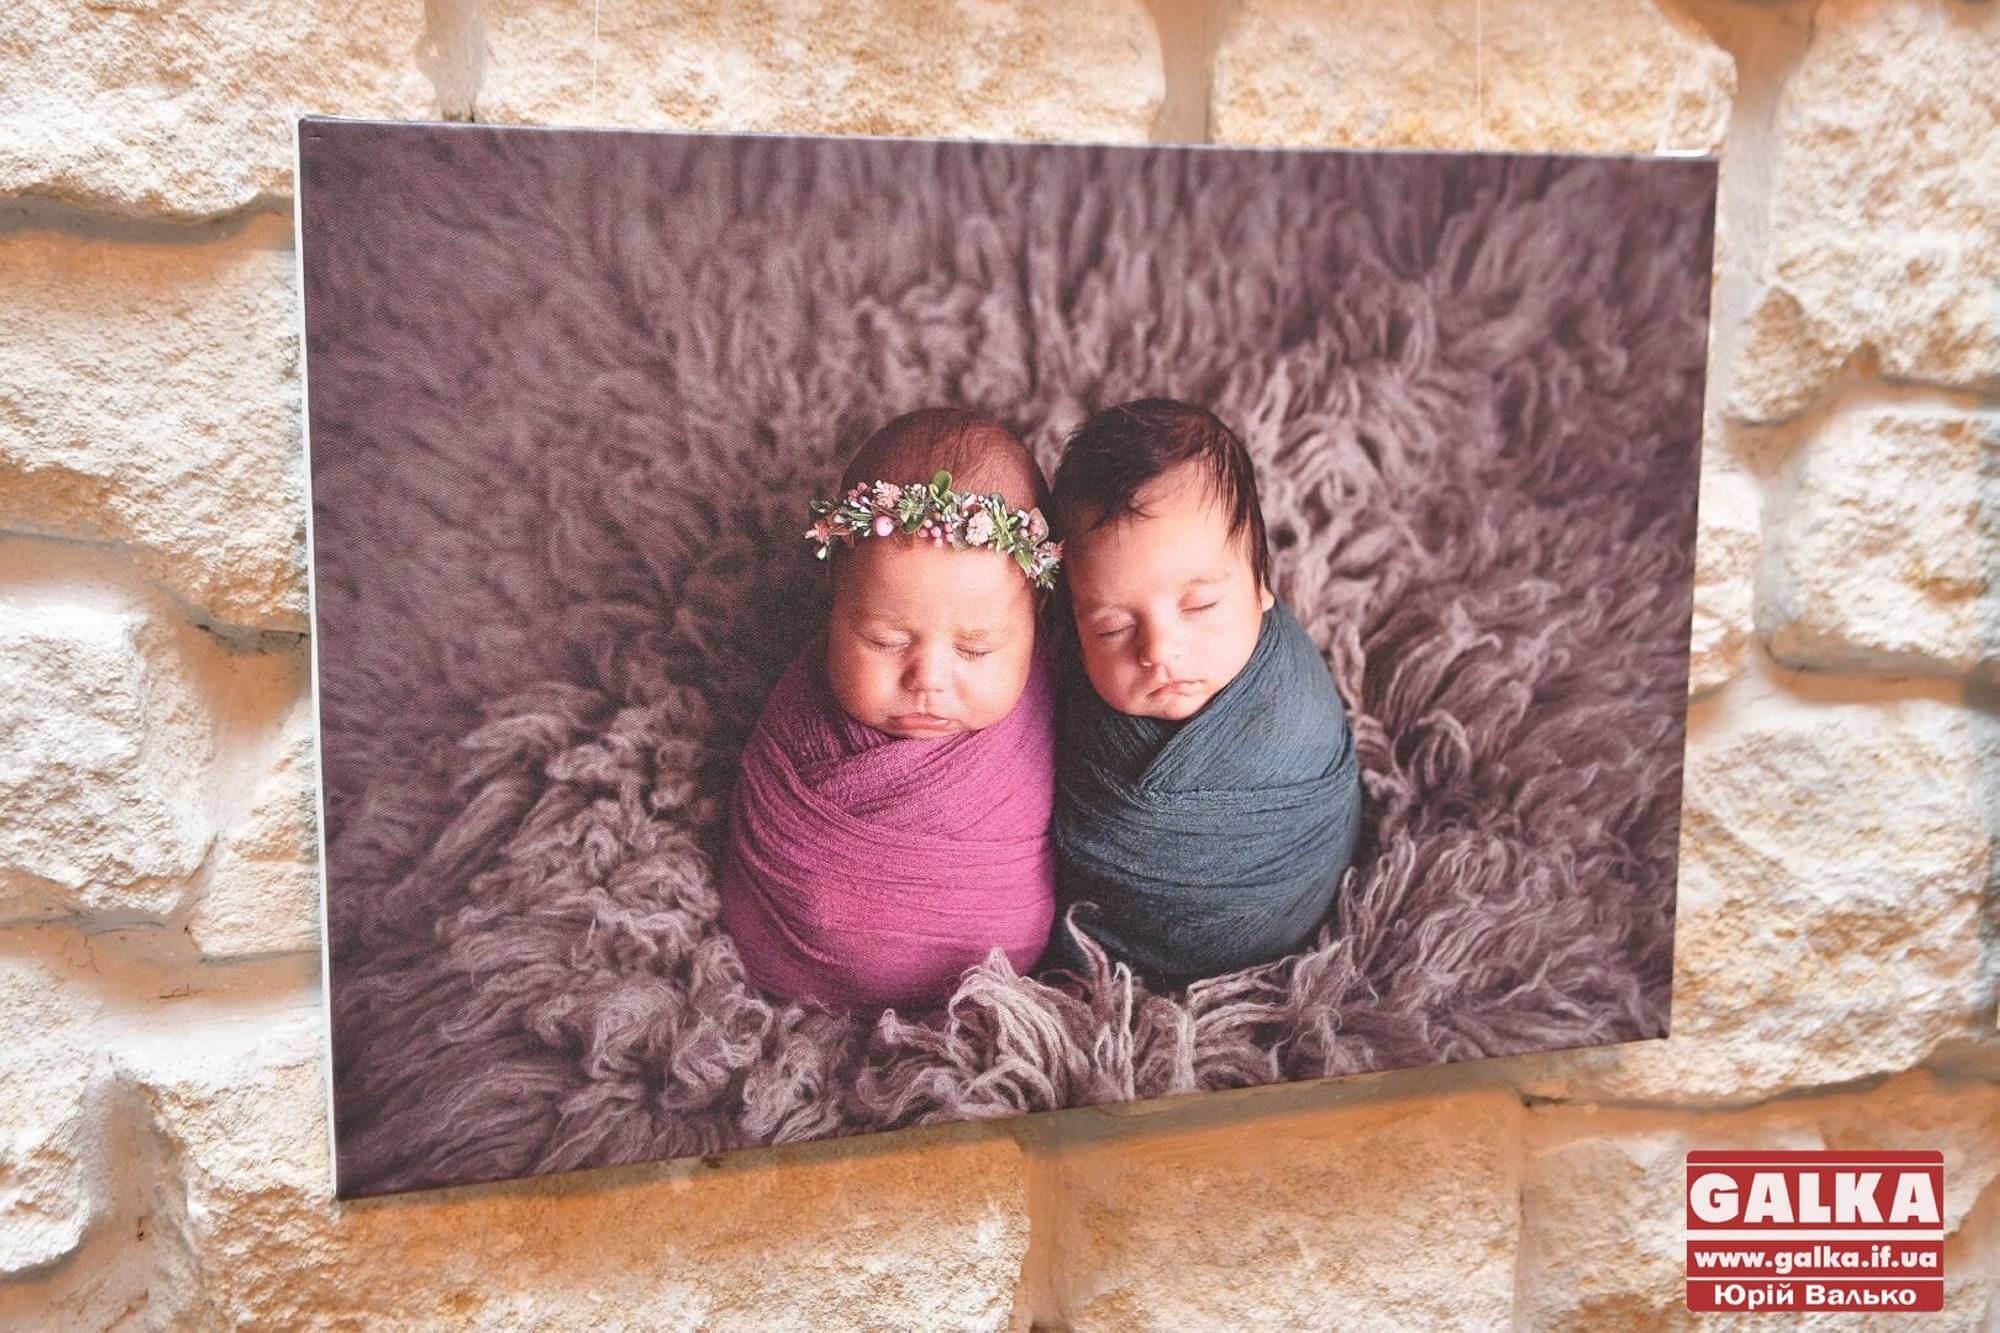 Казкові сни новонароджених: франківцям презентували виставку зворушливих світлин немовлят (ФОТО)